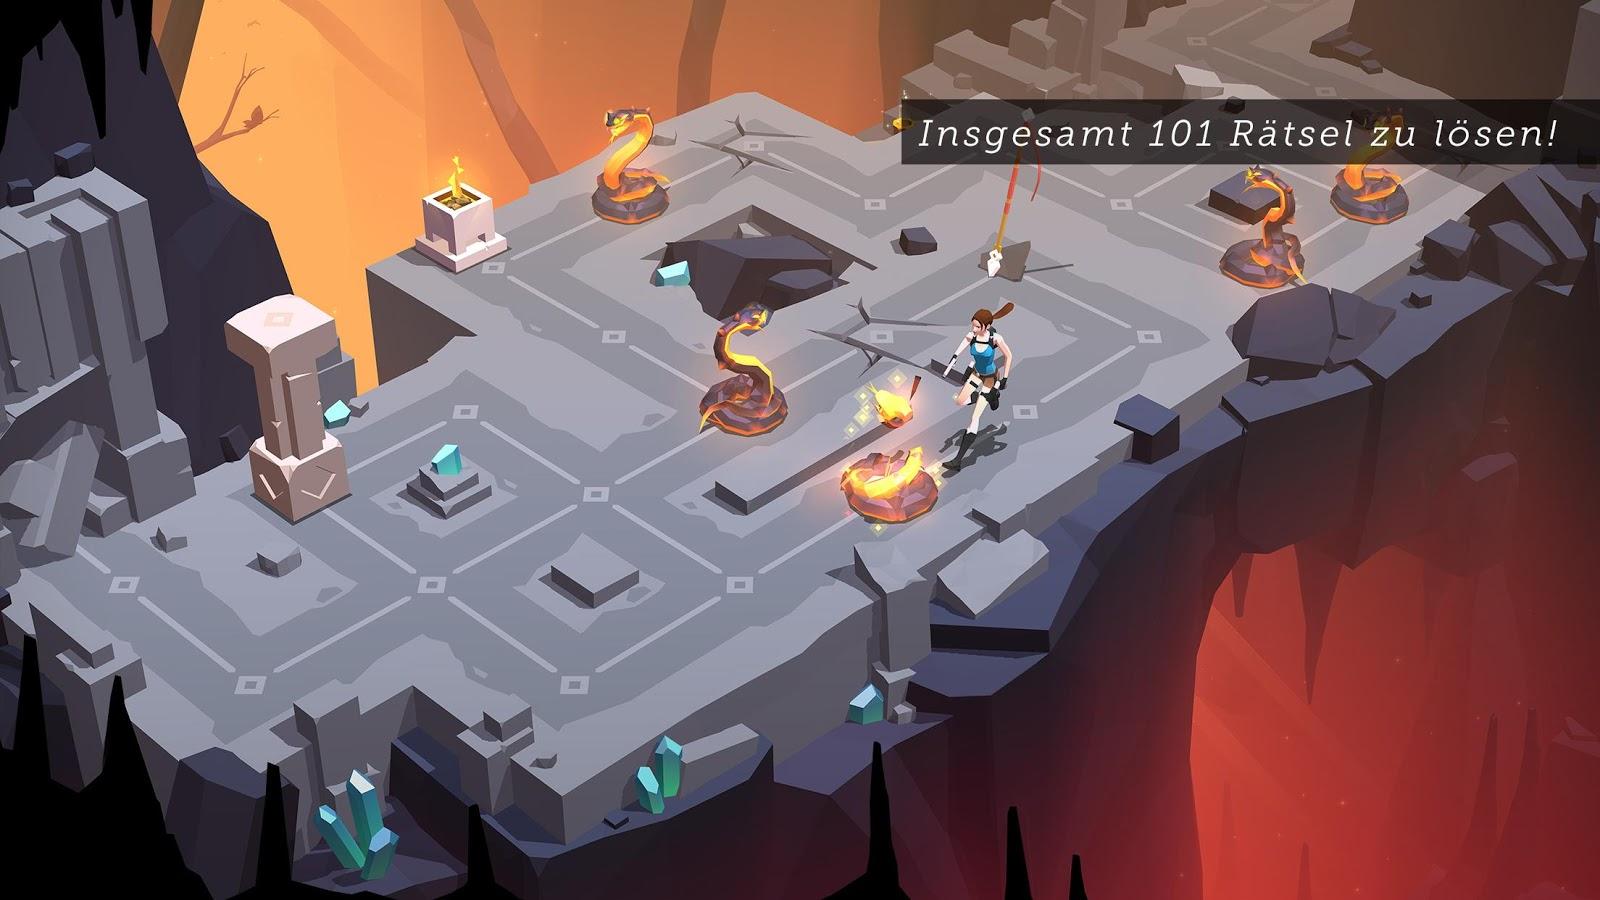 Lara Croft GO szybka wyprzedaż 80% taniej!